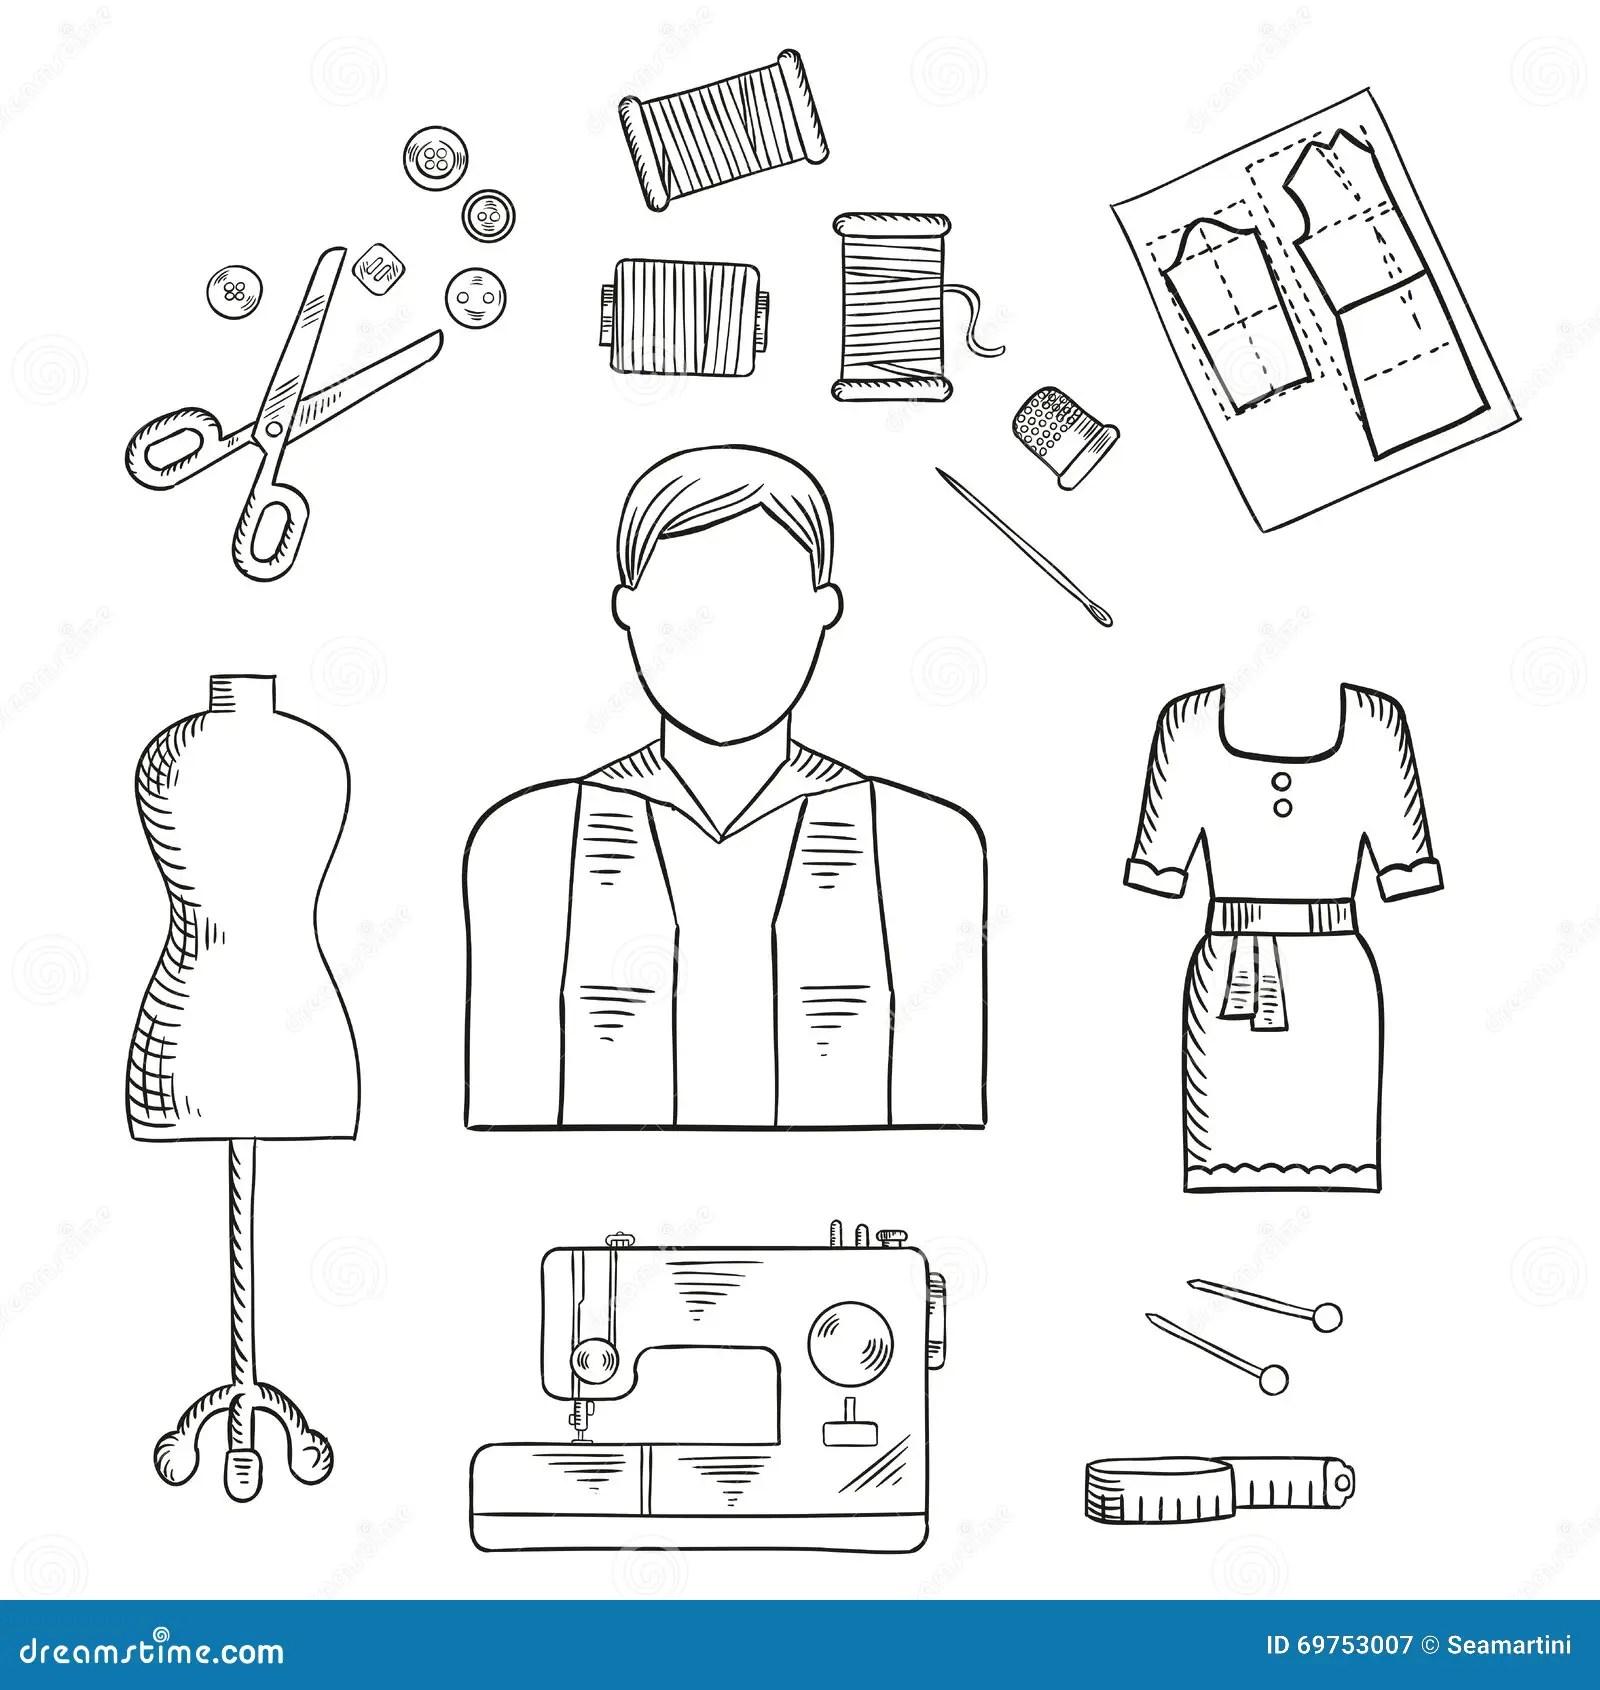 Tailor Or Fashion Designer Profession Sketch Icon Stock